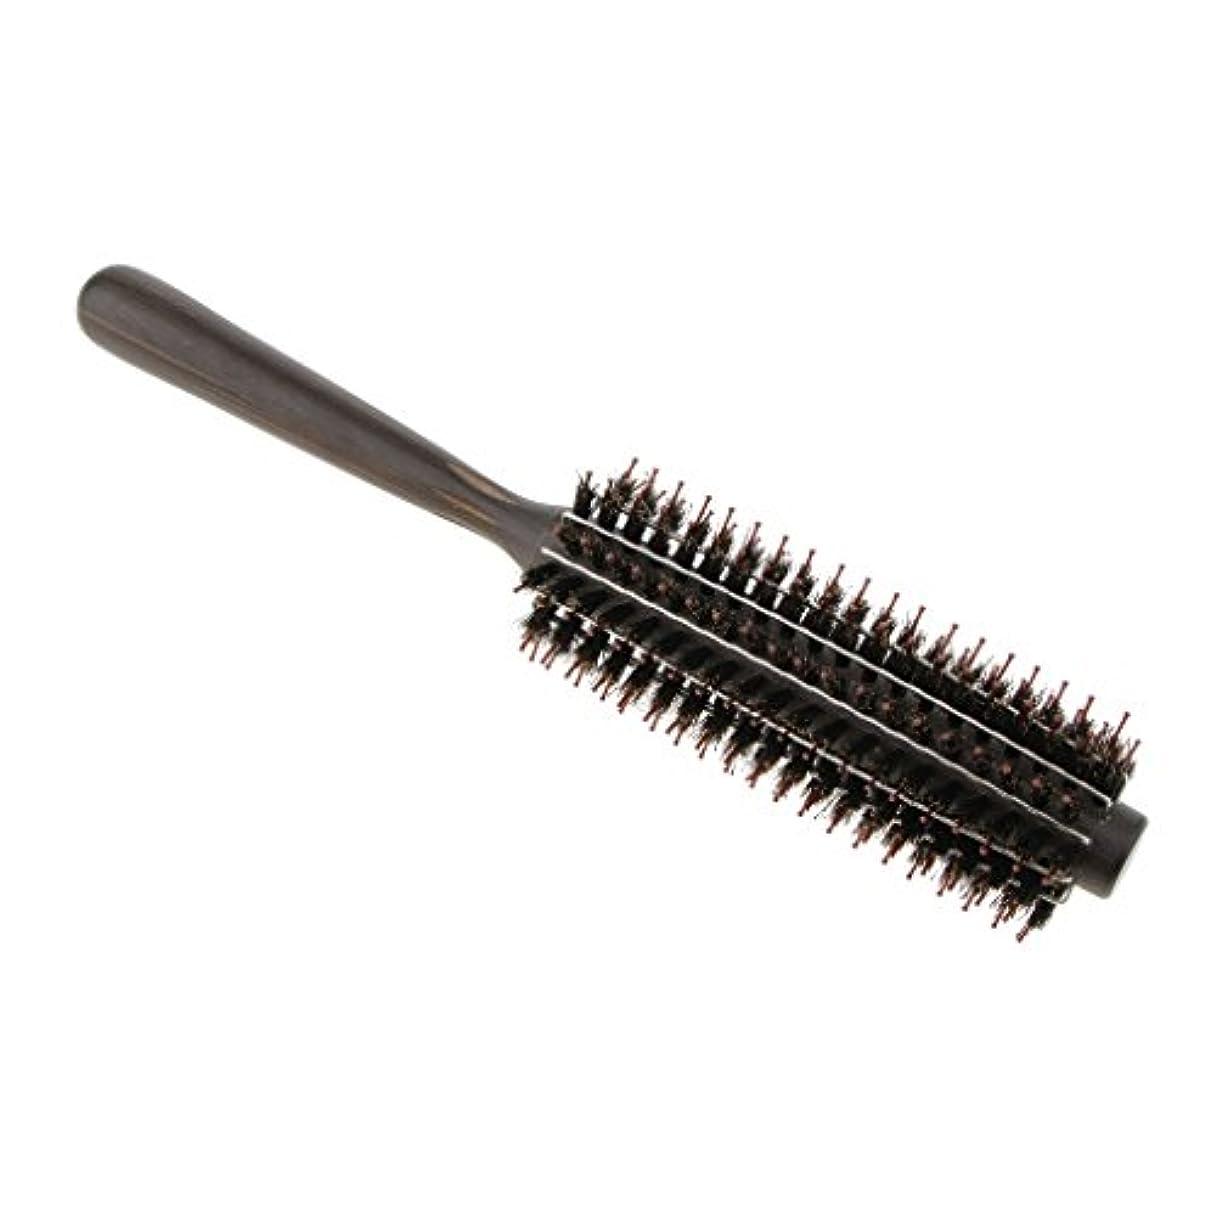 気分が良い調和のとれたとんでもないPerfk ロールブラシ ヘアブラシ カール 巻き髪  ヘアコーム 3サイズ選べる  - M